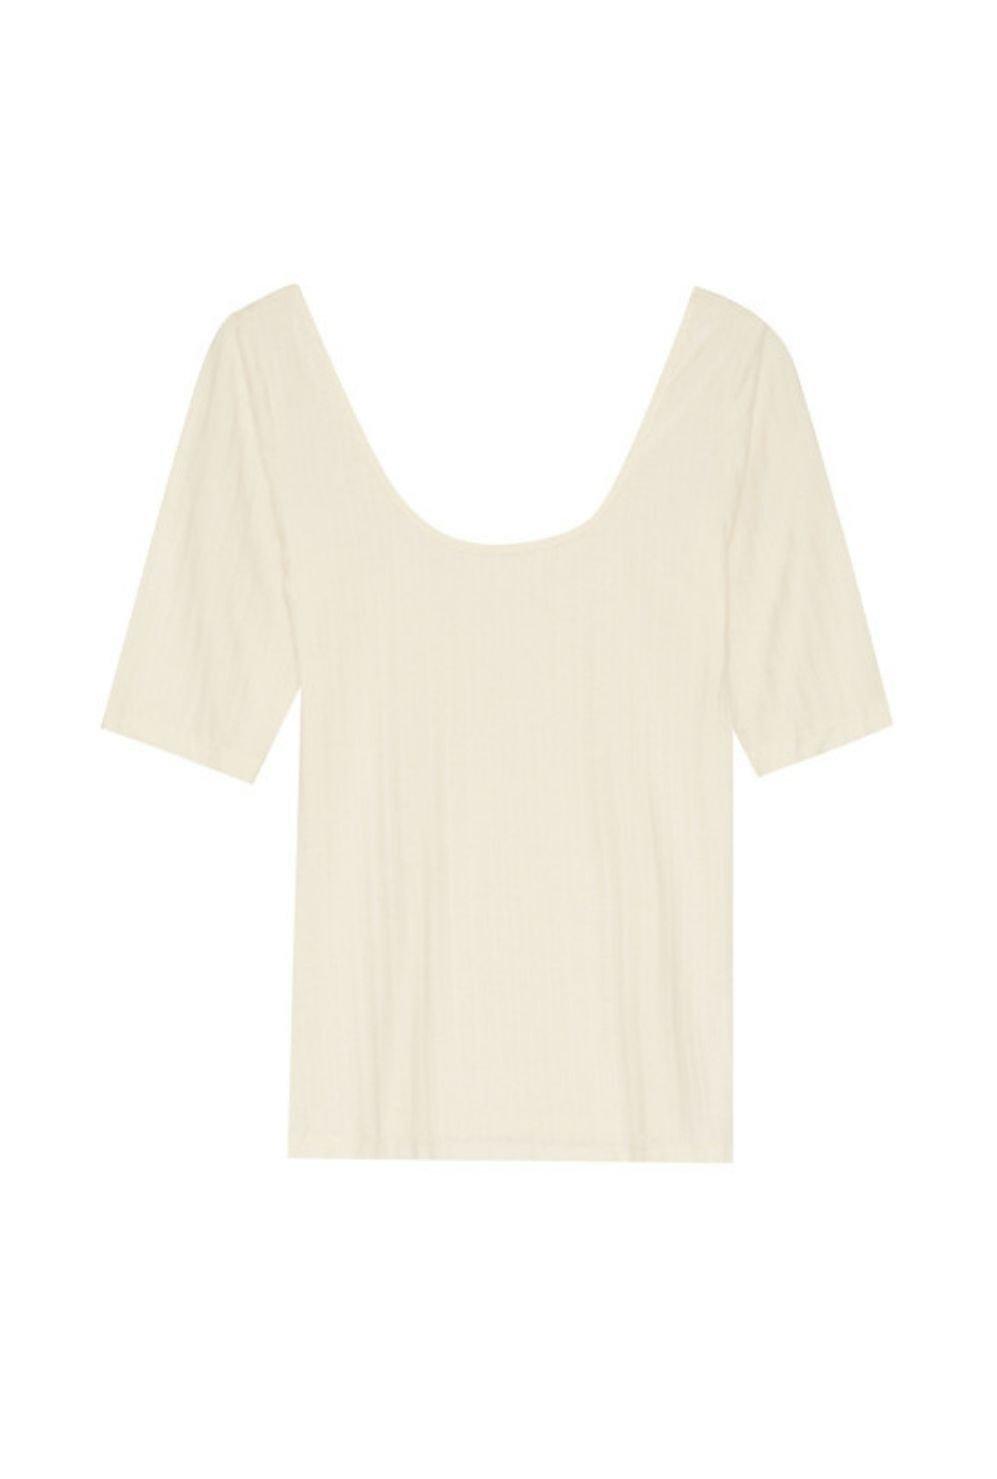 T-shirt Bennett écru